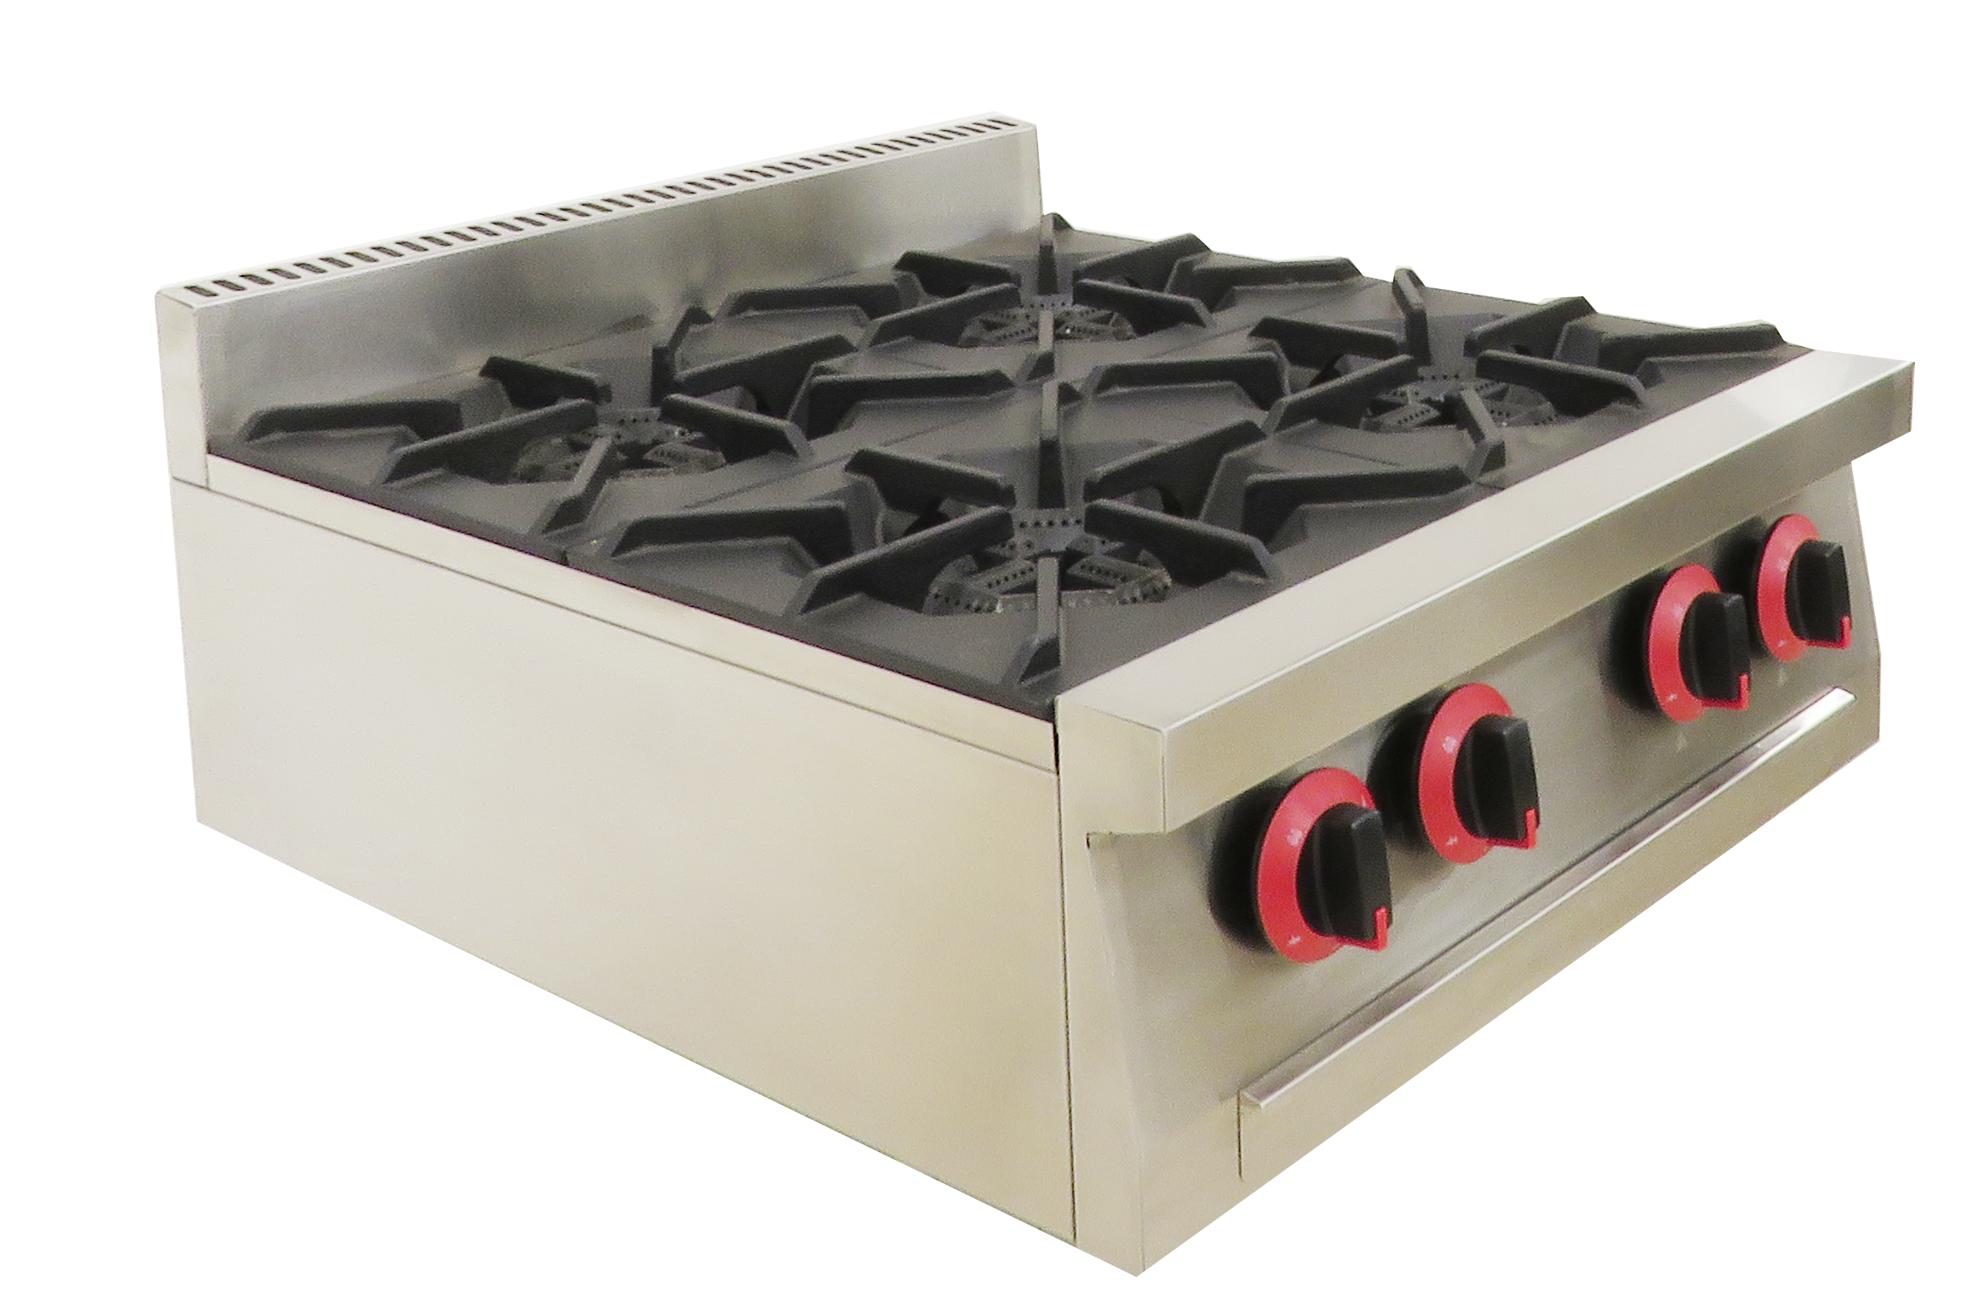 Giới thiệu chiếc bếp Âu nhỏ gọn, tiện lợi cho các nhà hàng quy mô vừa và nhỏ